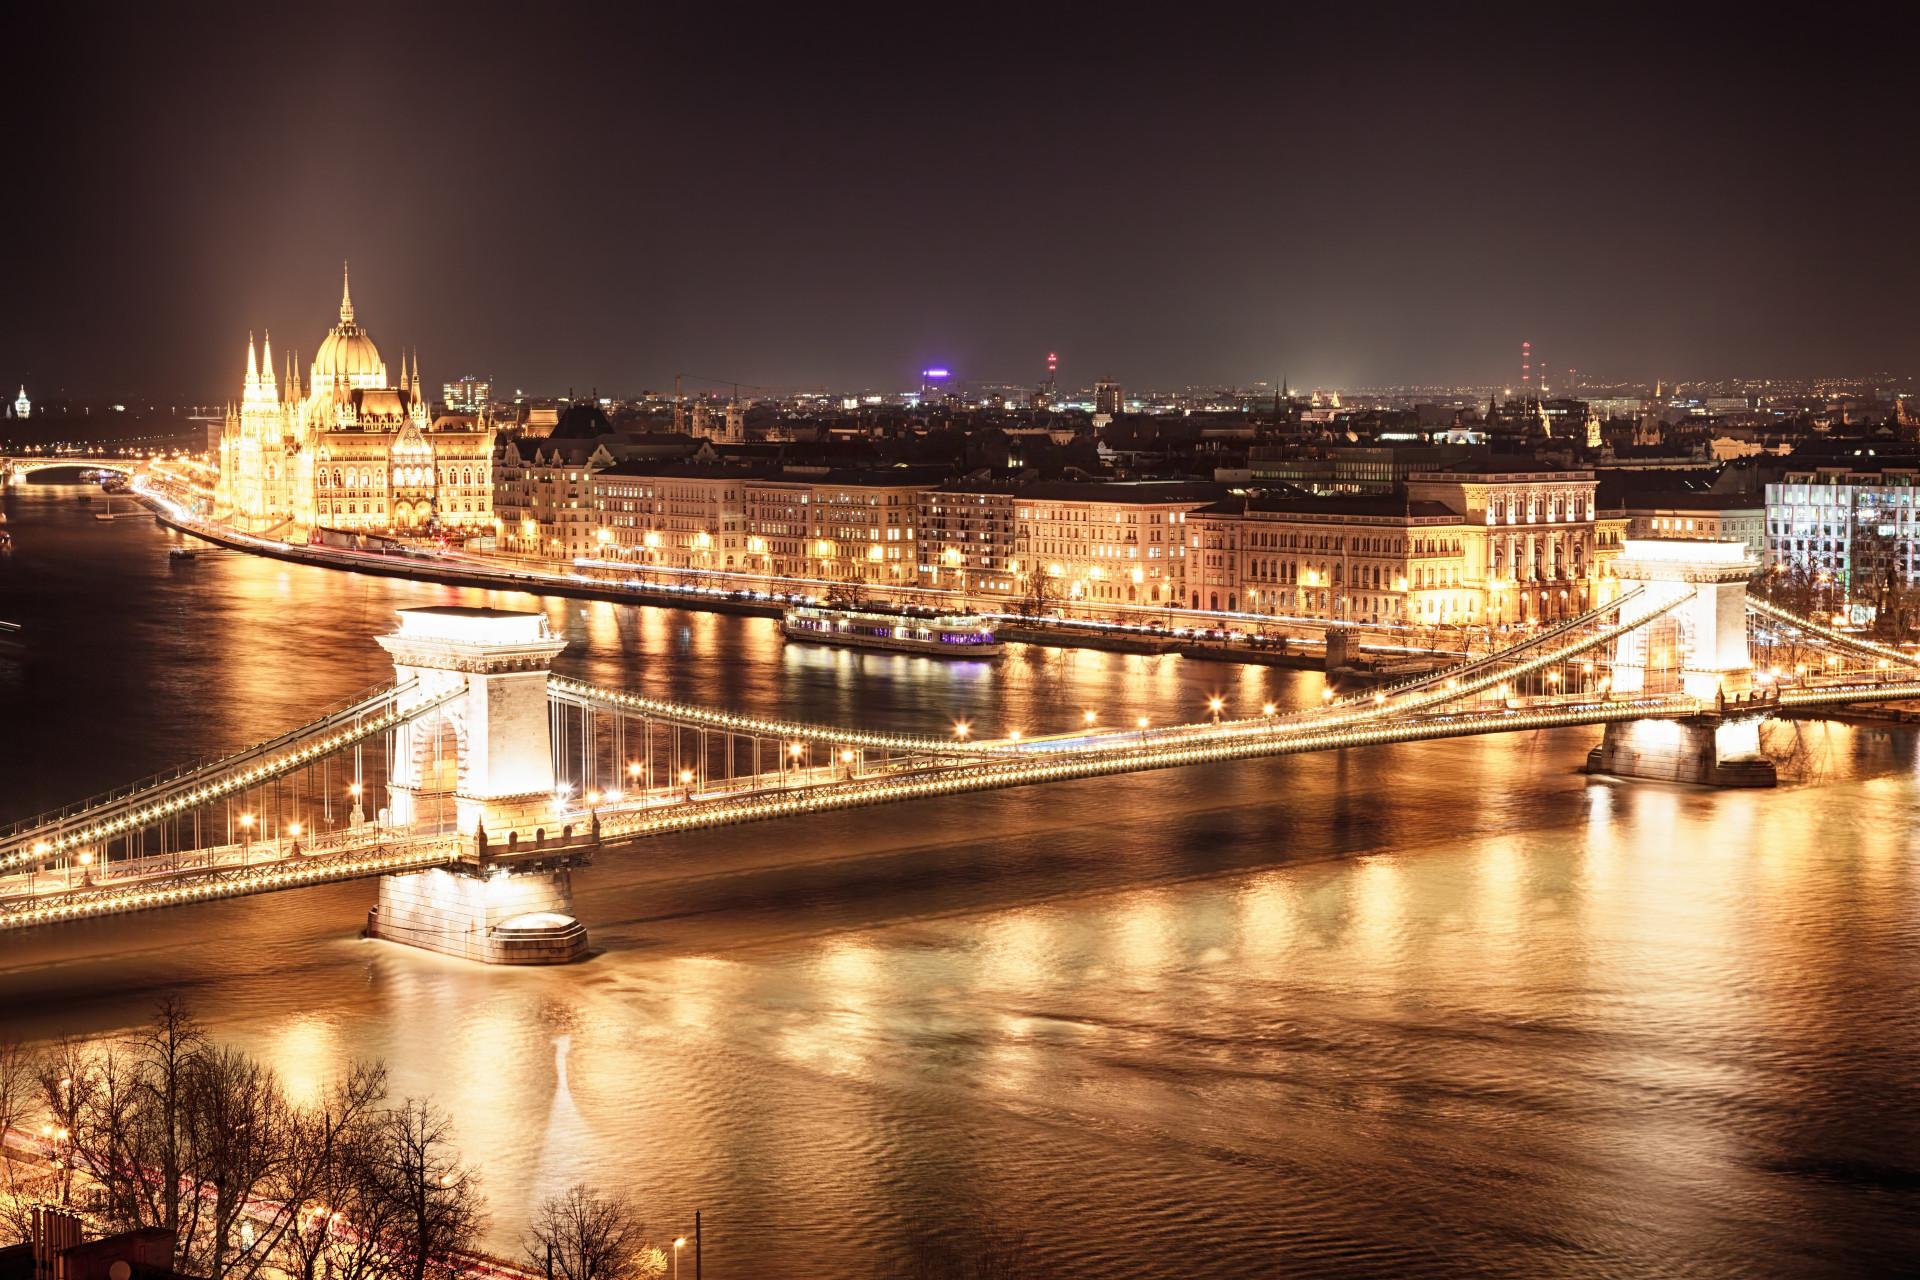 Deslumbre-se com as mais fantásticas pontes do mundo